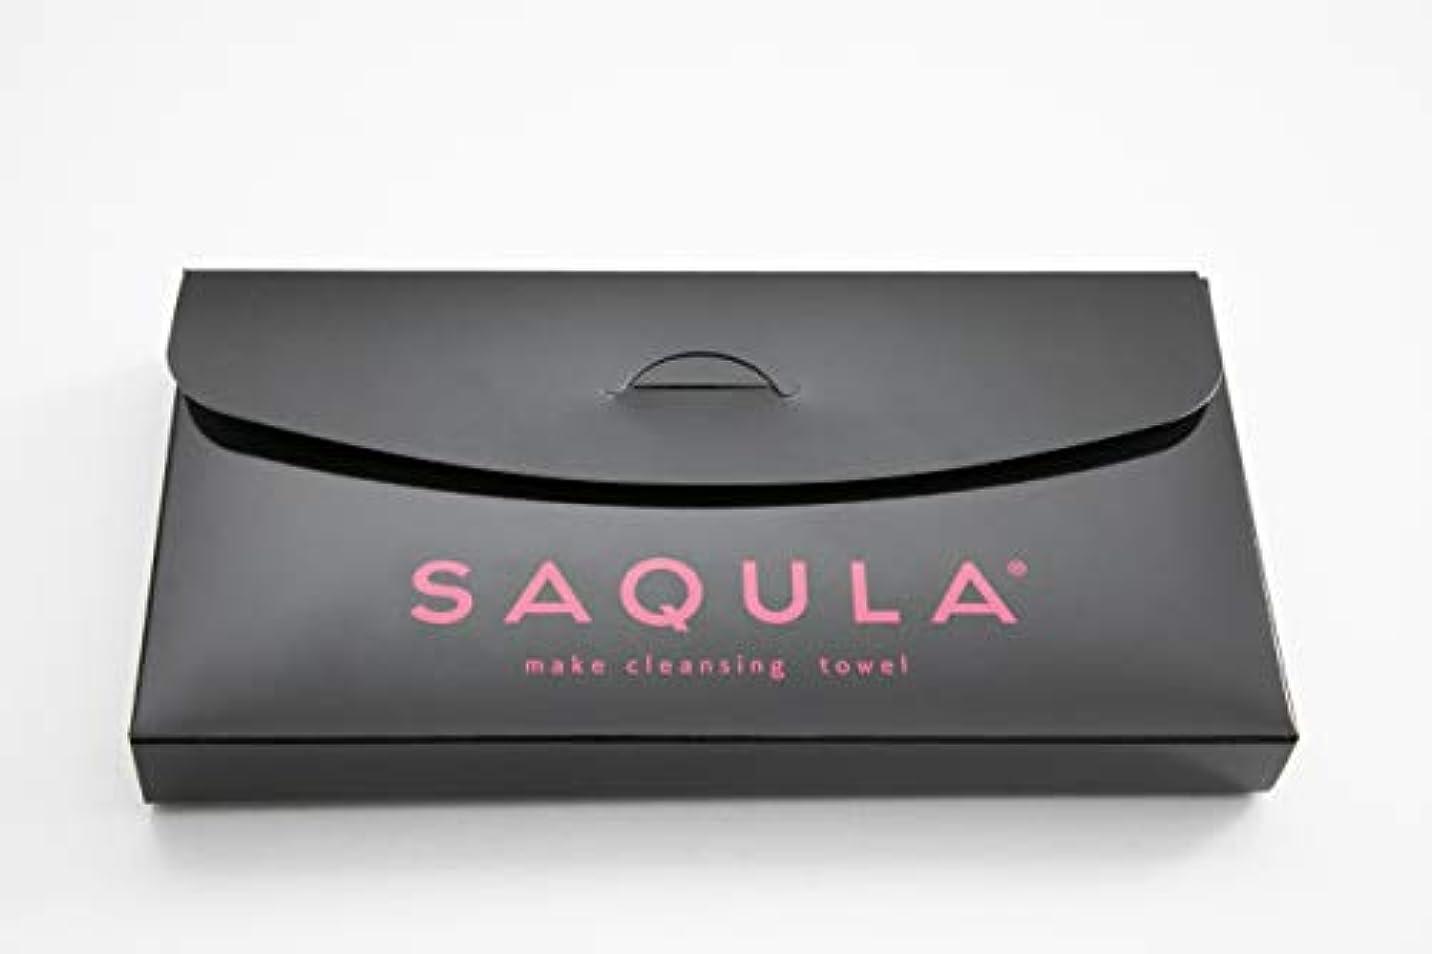 申し立てられた祖母軍艦SAQULA クレンジングタオル ピンク テレビで紹介された 水に濡らして拭くだけで簡単にメイクが落とせるクレンジングタオル